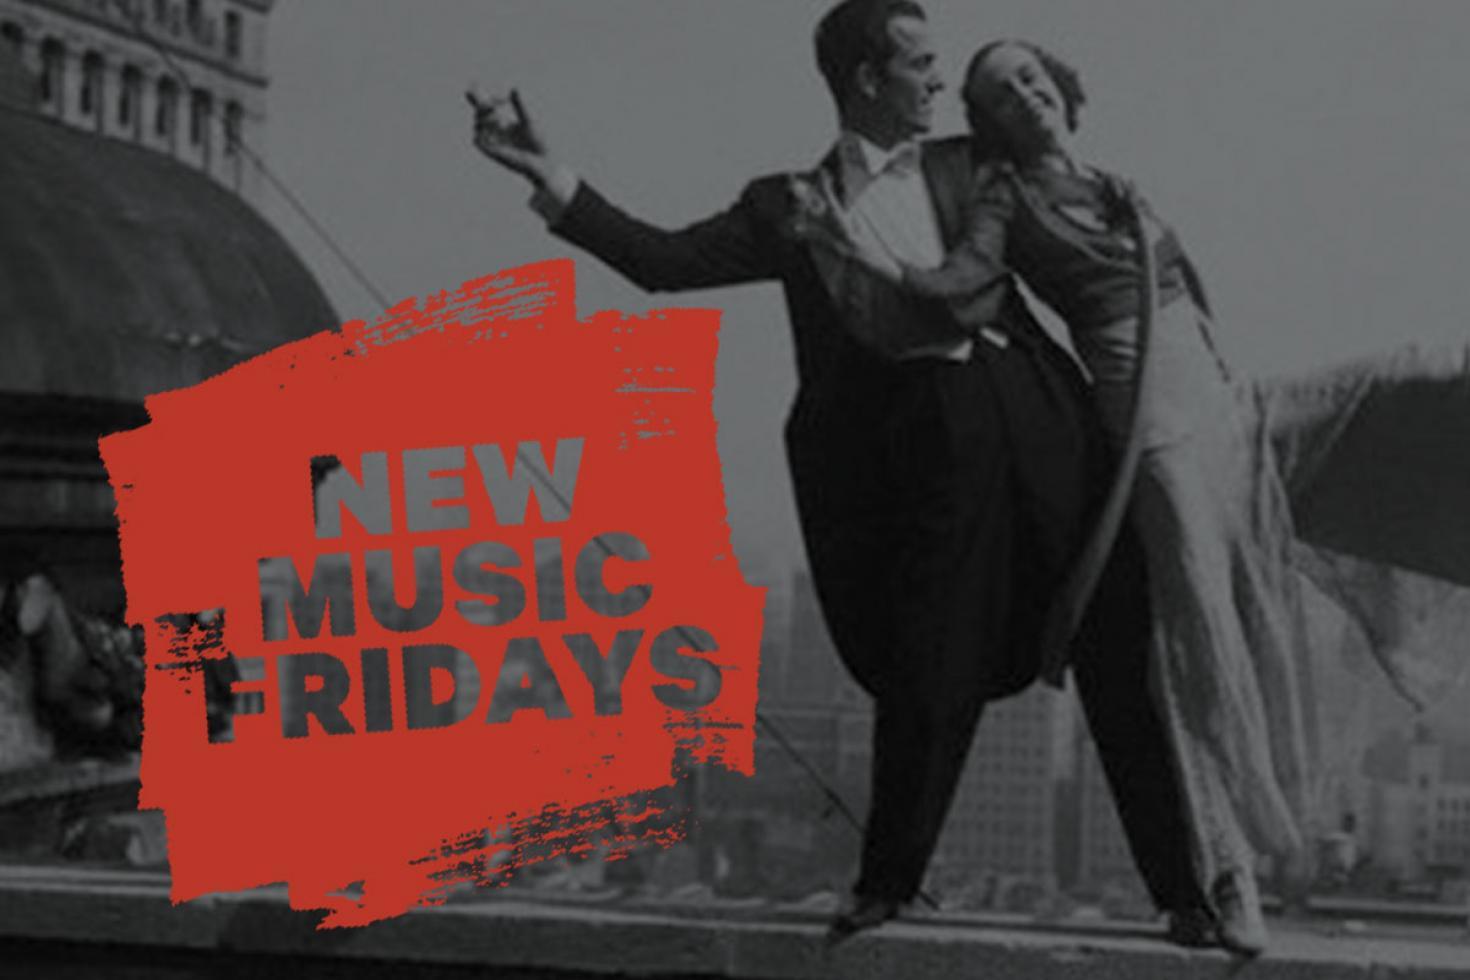 New music Fridays Punk Rock Theory